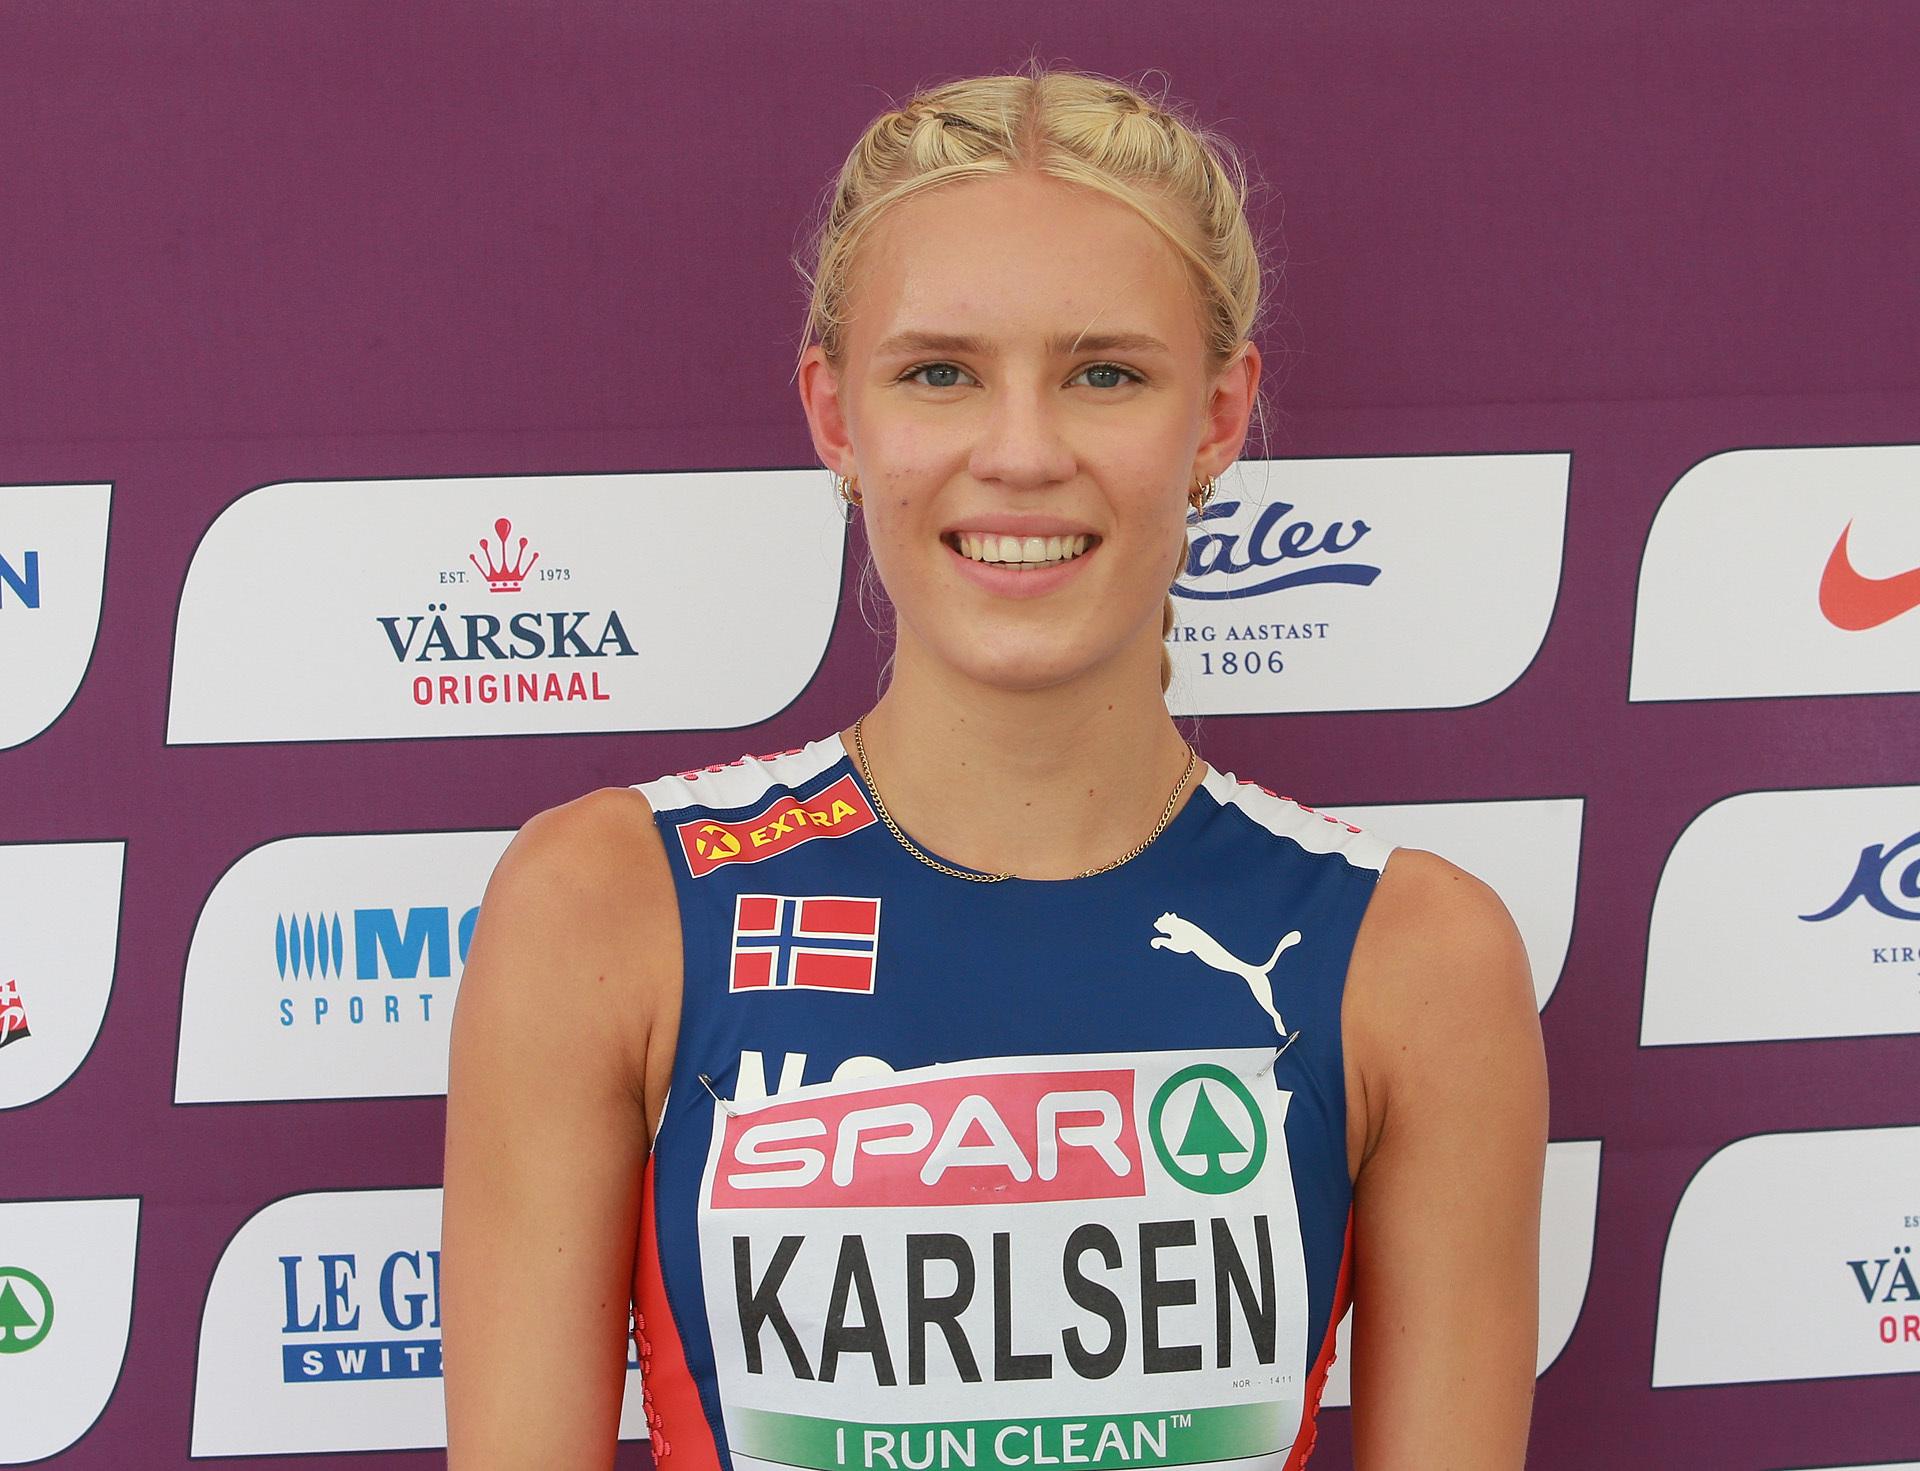 Pernille_Karlsen_i_miksonen_AZ3T9014.jpg